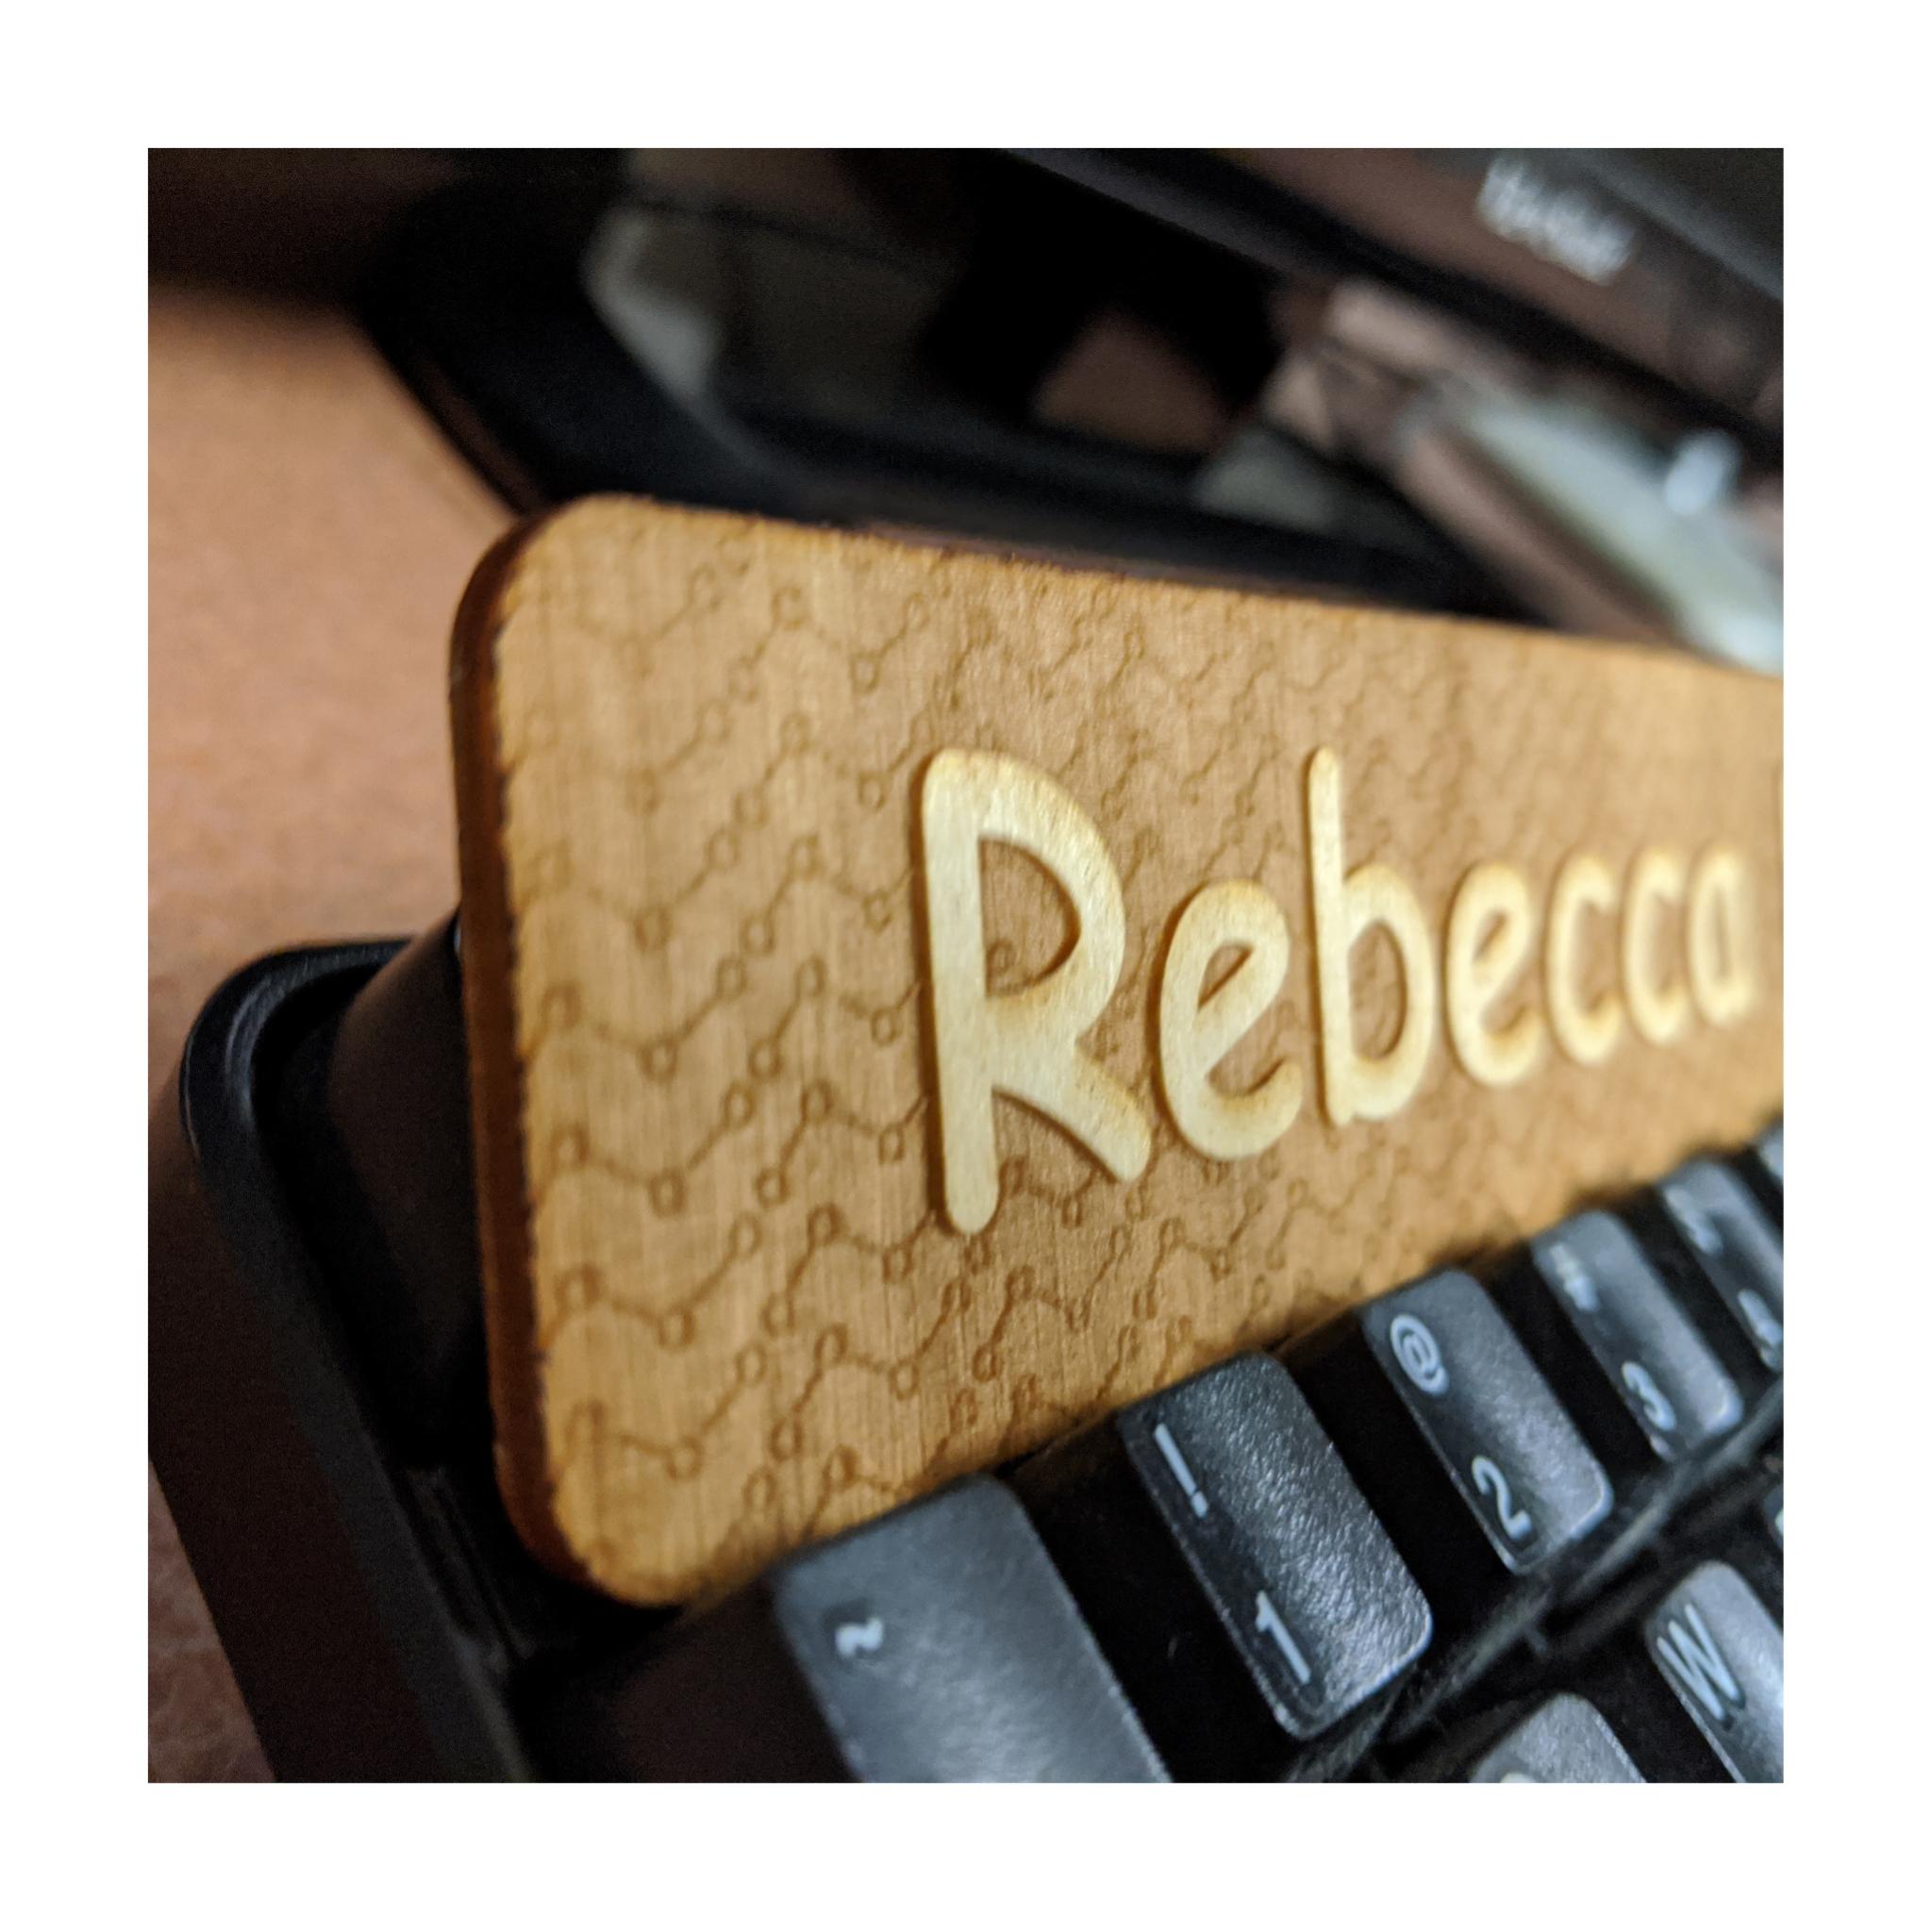 Rebecca's Nameplate